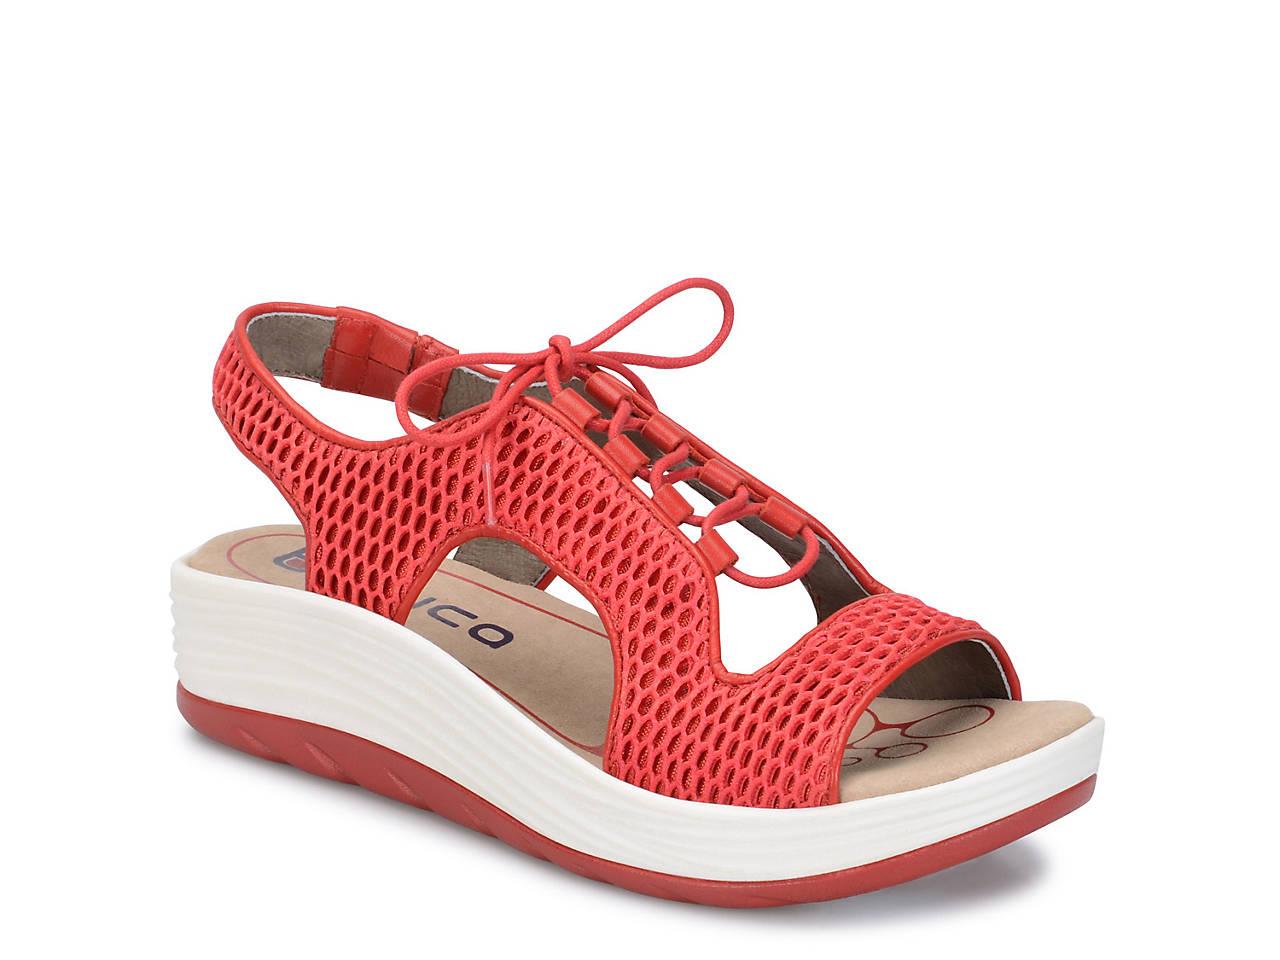 89f4c5175cd2 Bionica Cosmic Wedge Sandal Women s Shoes